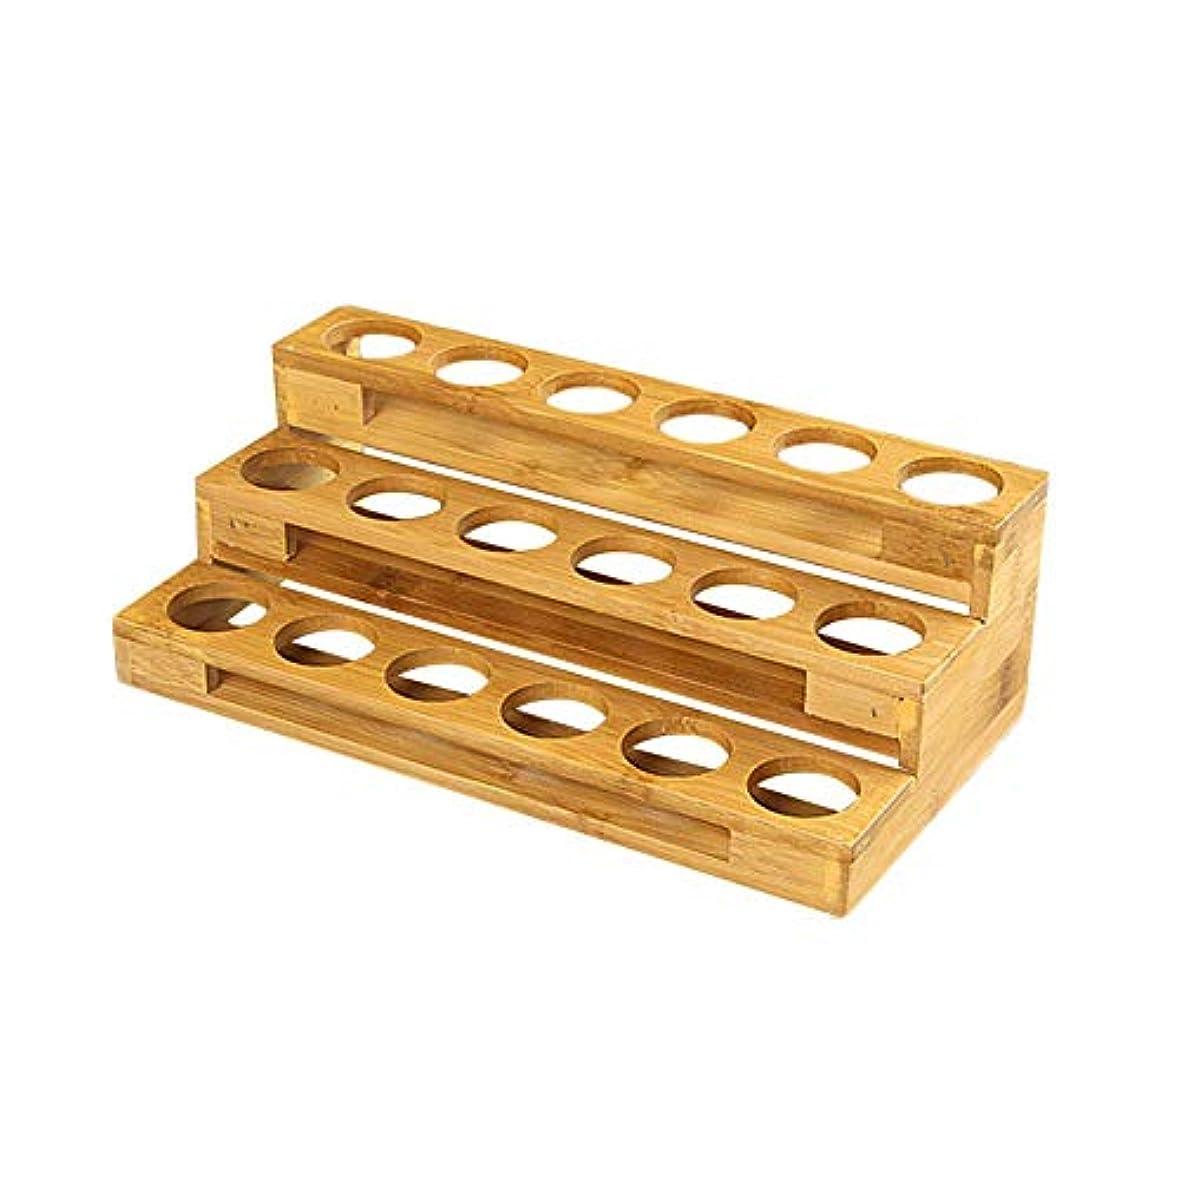 ジャーナル場合エレガントエッセンシャルオイル収納ボックス 自然木製 エッセンシャルオイルオイル 収納 ボックス 香水収納ケース はしごタイプ アロマオイル収納ボックス 18本用